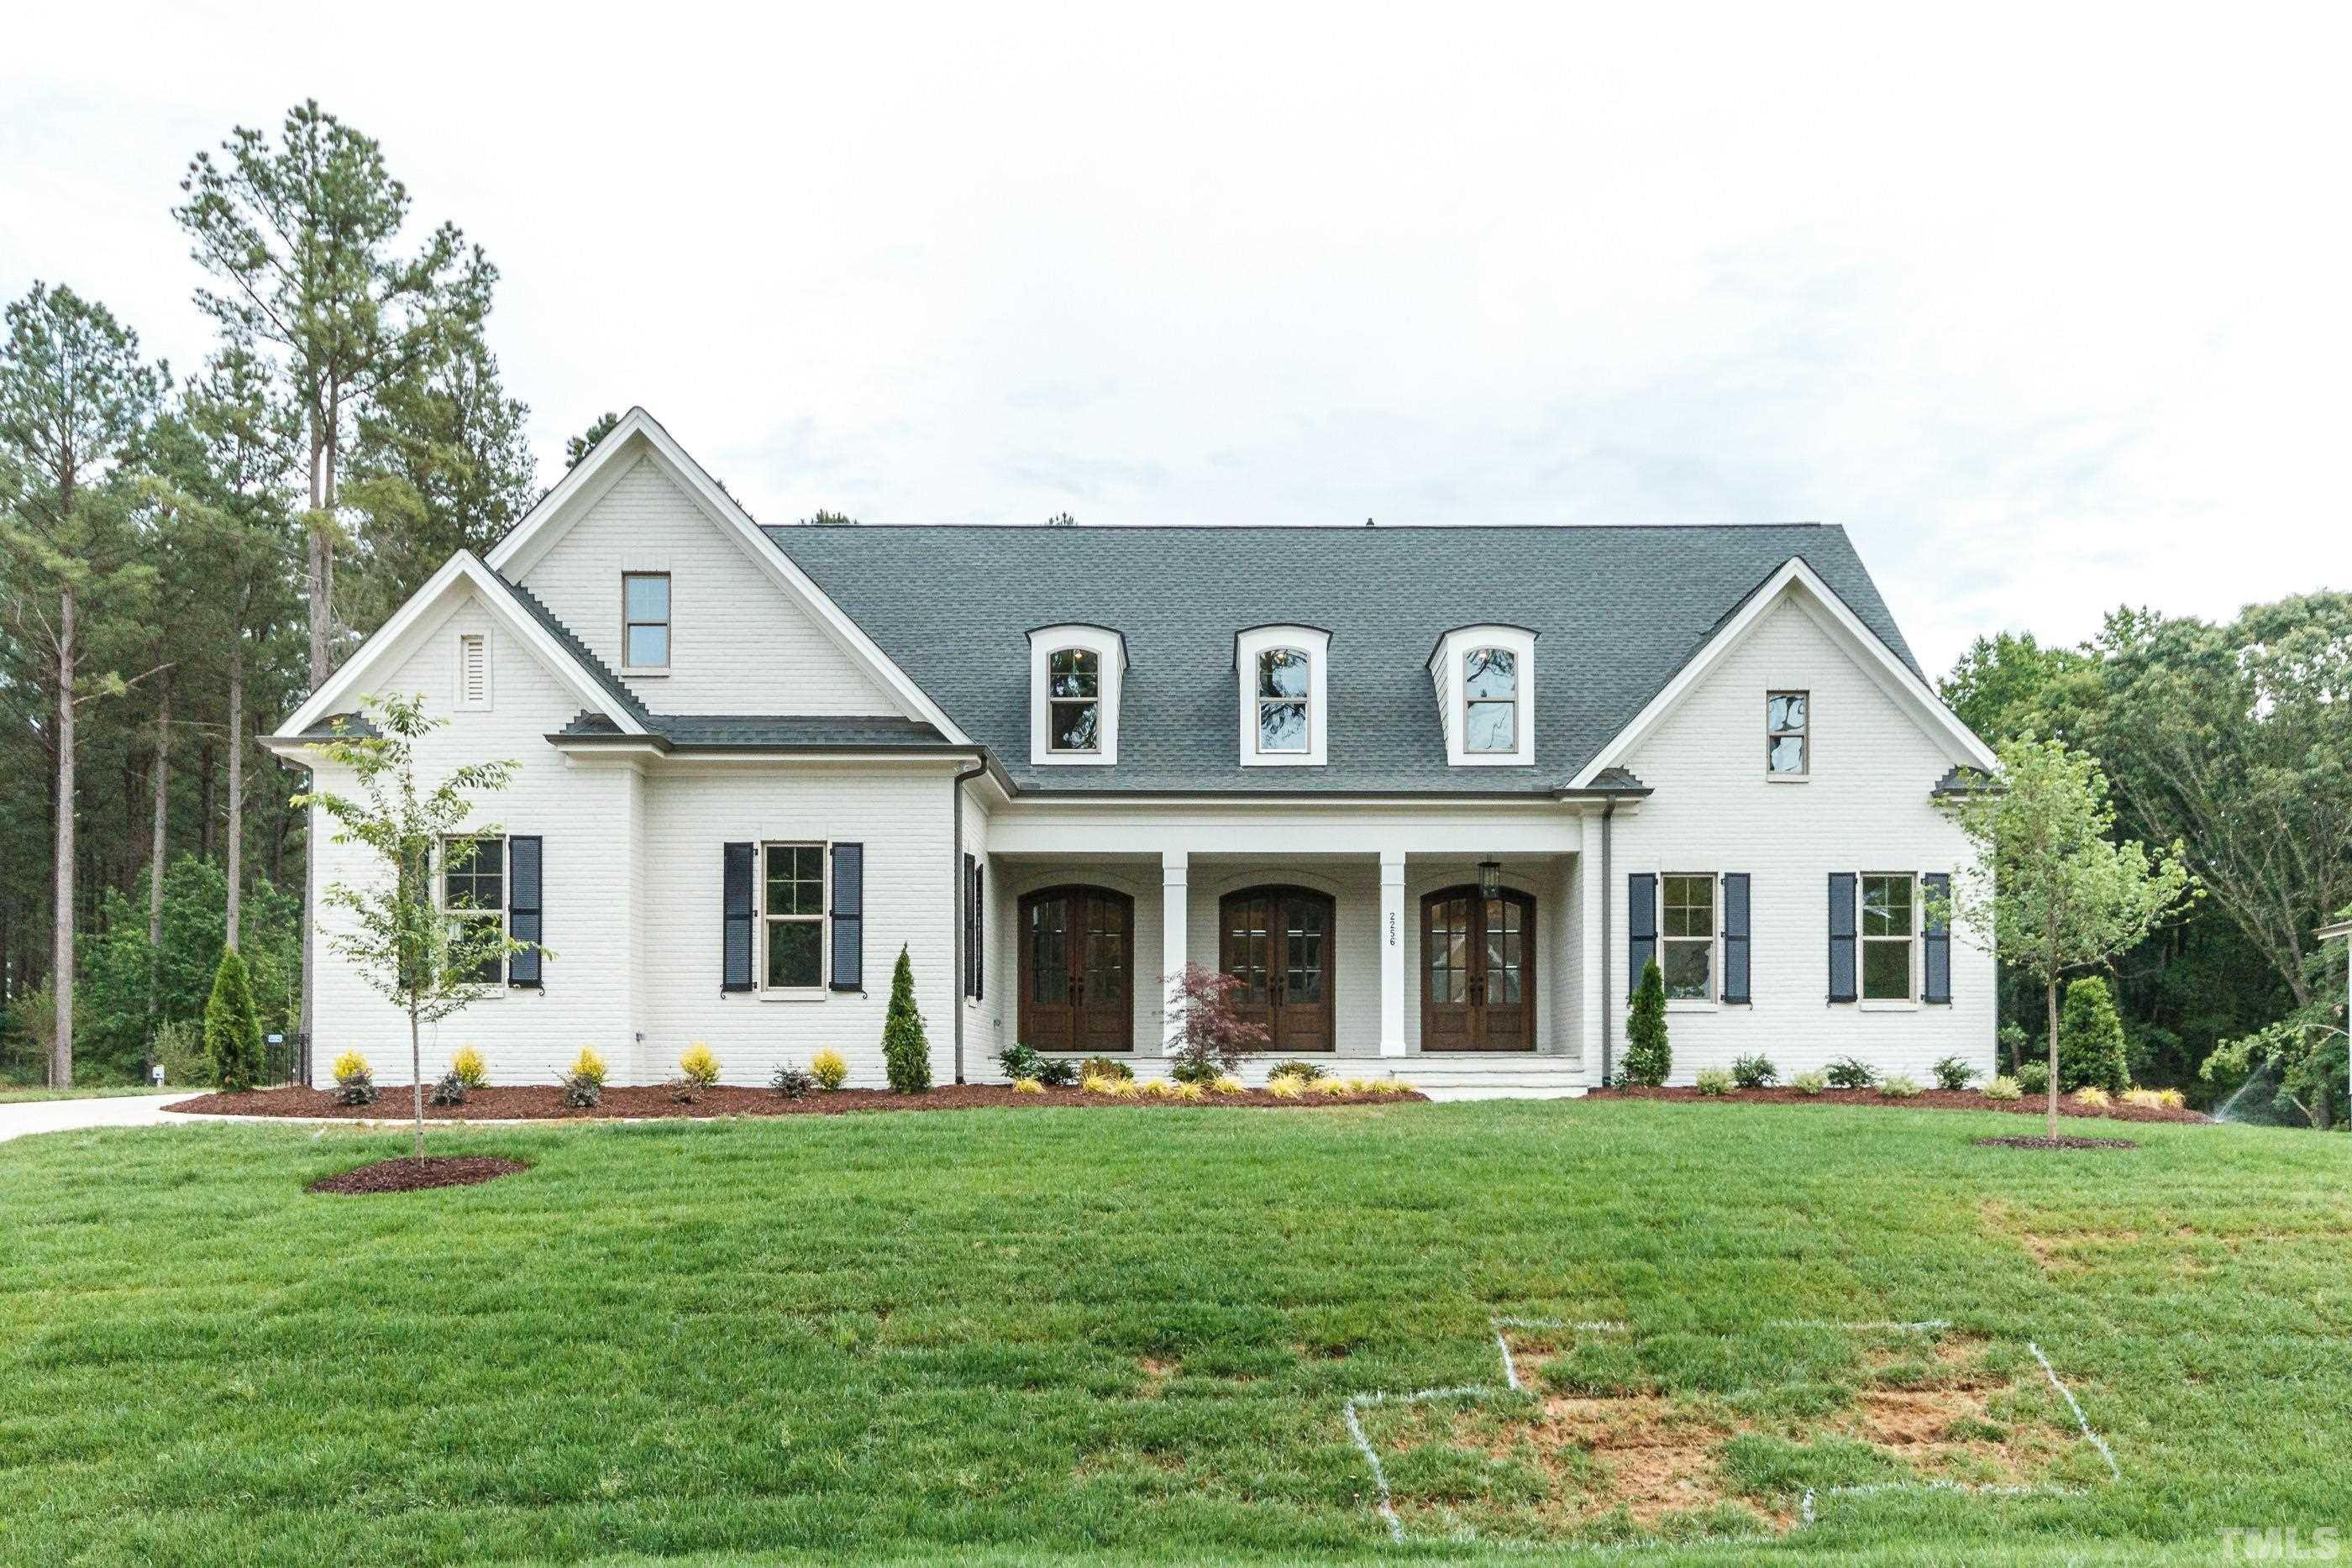 Photos of a similar home